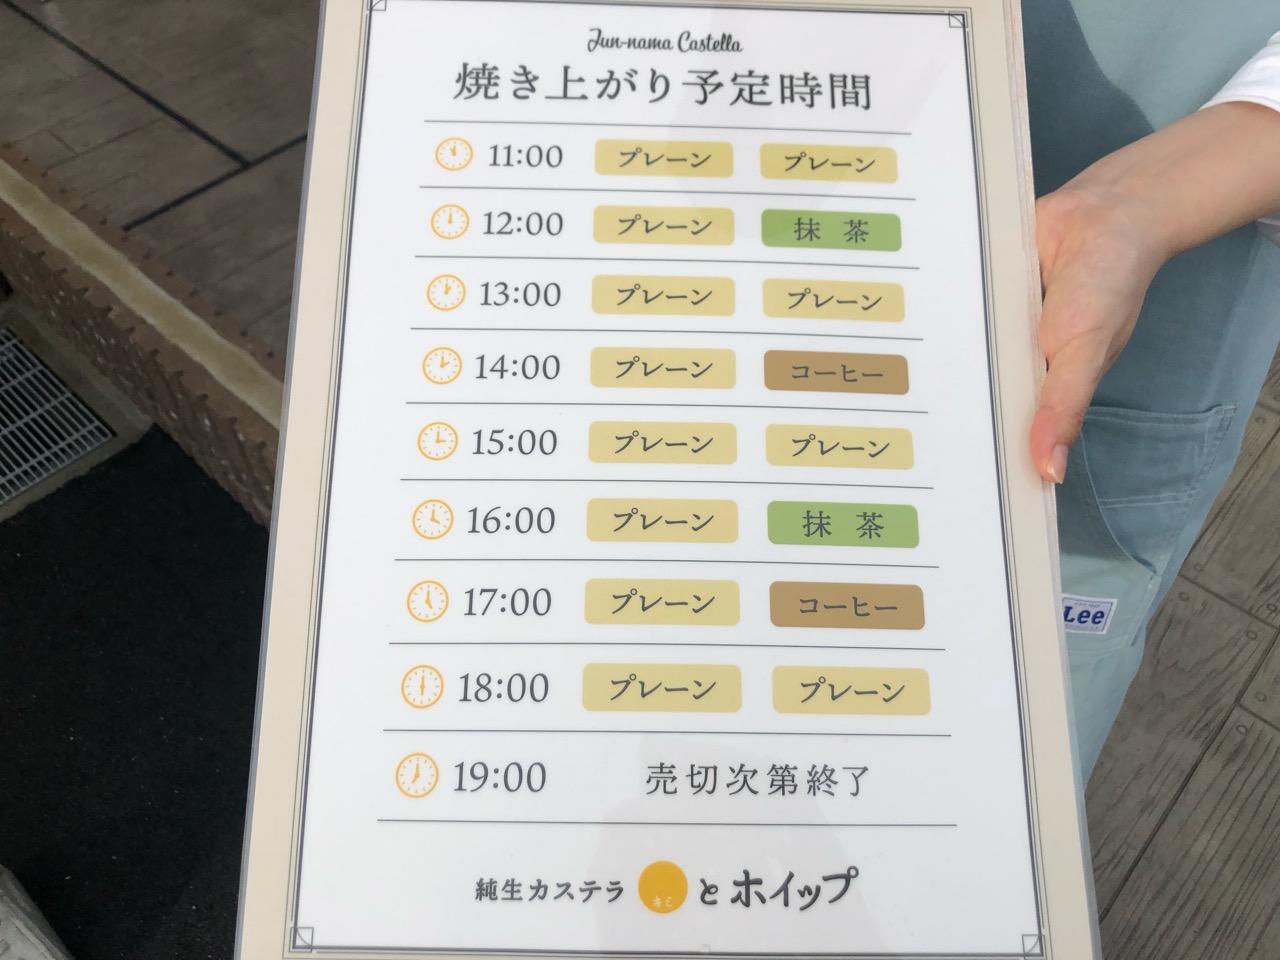 純生カステラ「キミとホイップ」豊田店 焼き上がり予定時刻